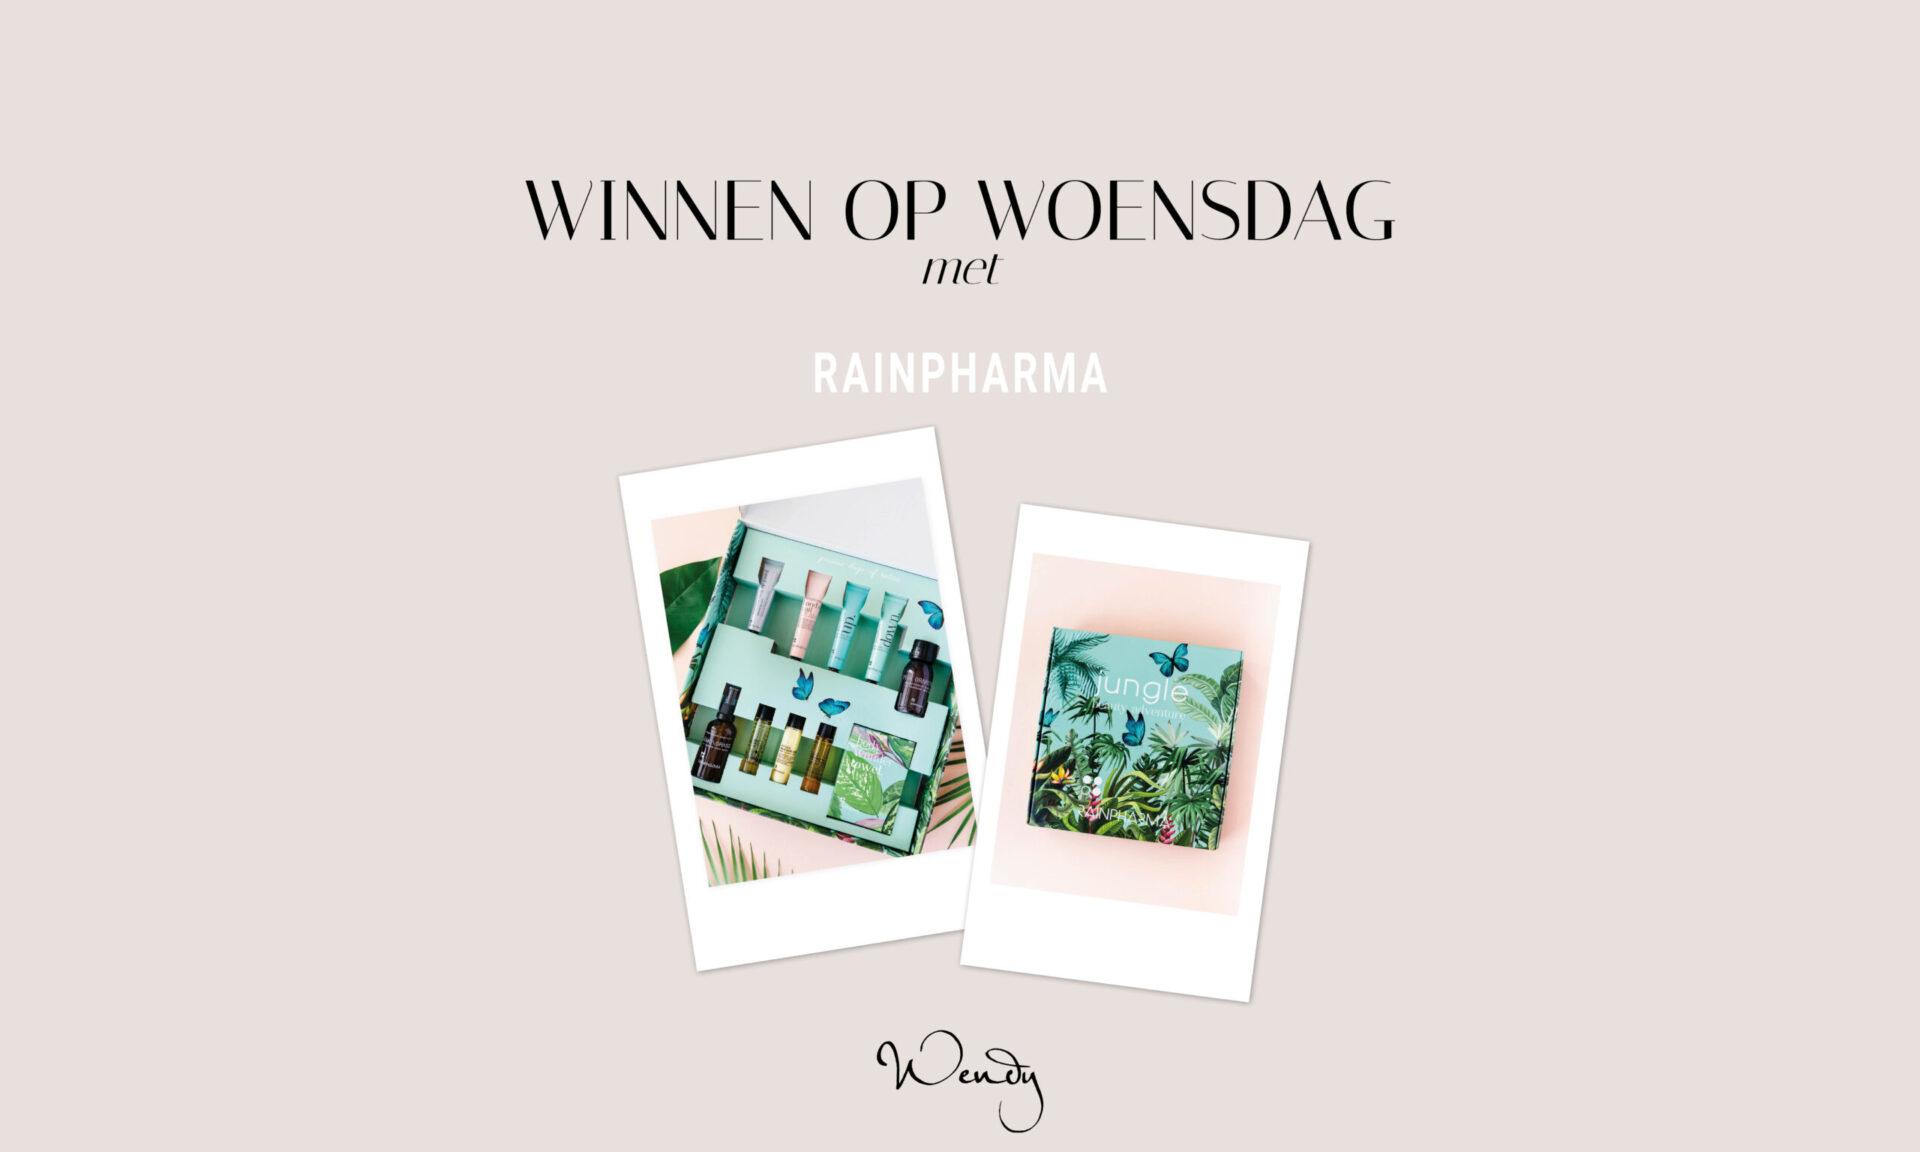 winnen op woensdag 28 9 scaled Winnen op woensdag: win een RainPharma Jungle Beauty Adventure box!